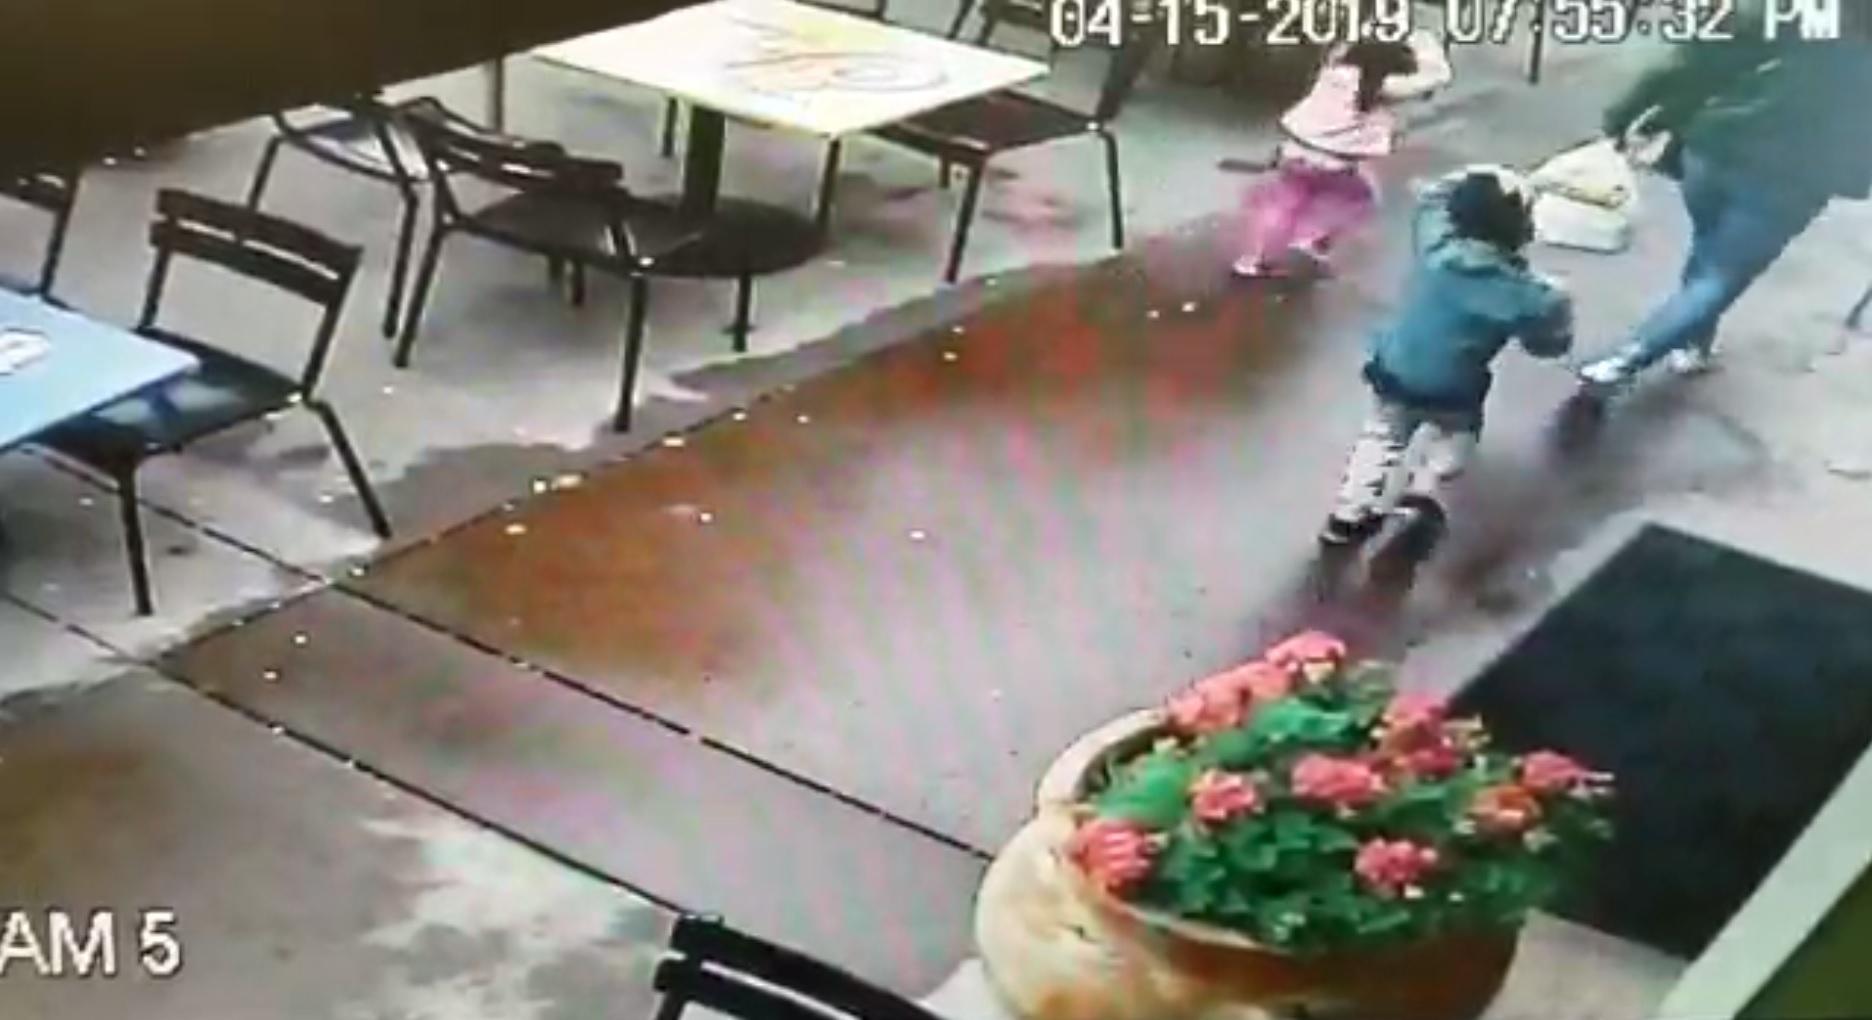 Los niños vieron el auto y de forma instintiva se cubrieron la cabeza mientras la madre fue la última en percatarse Foto: (Impresión de pantalla video Departamento de Napa)